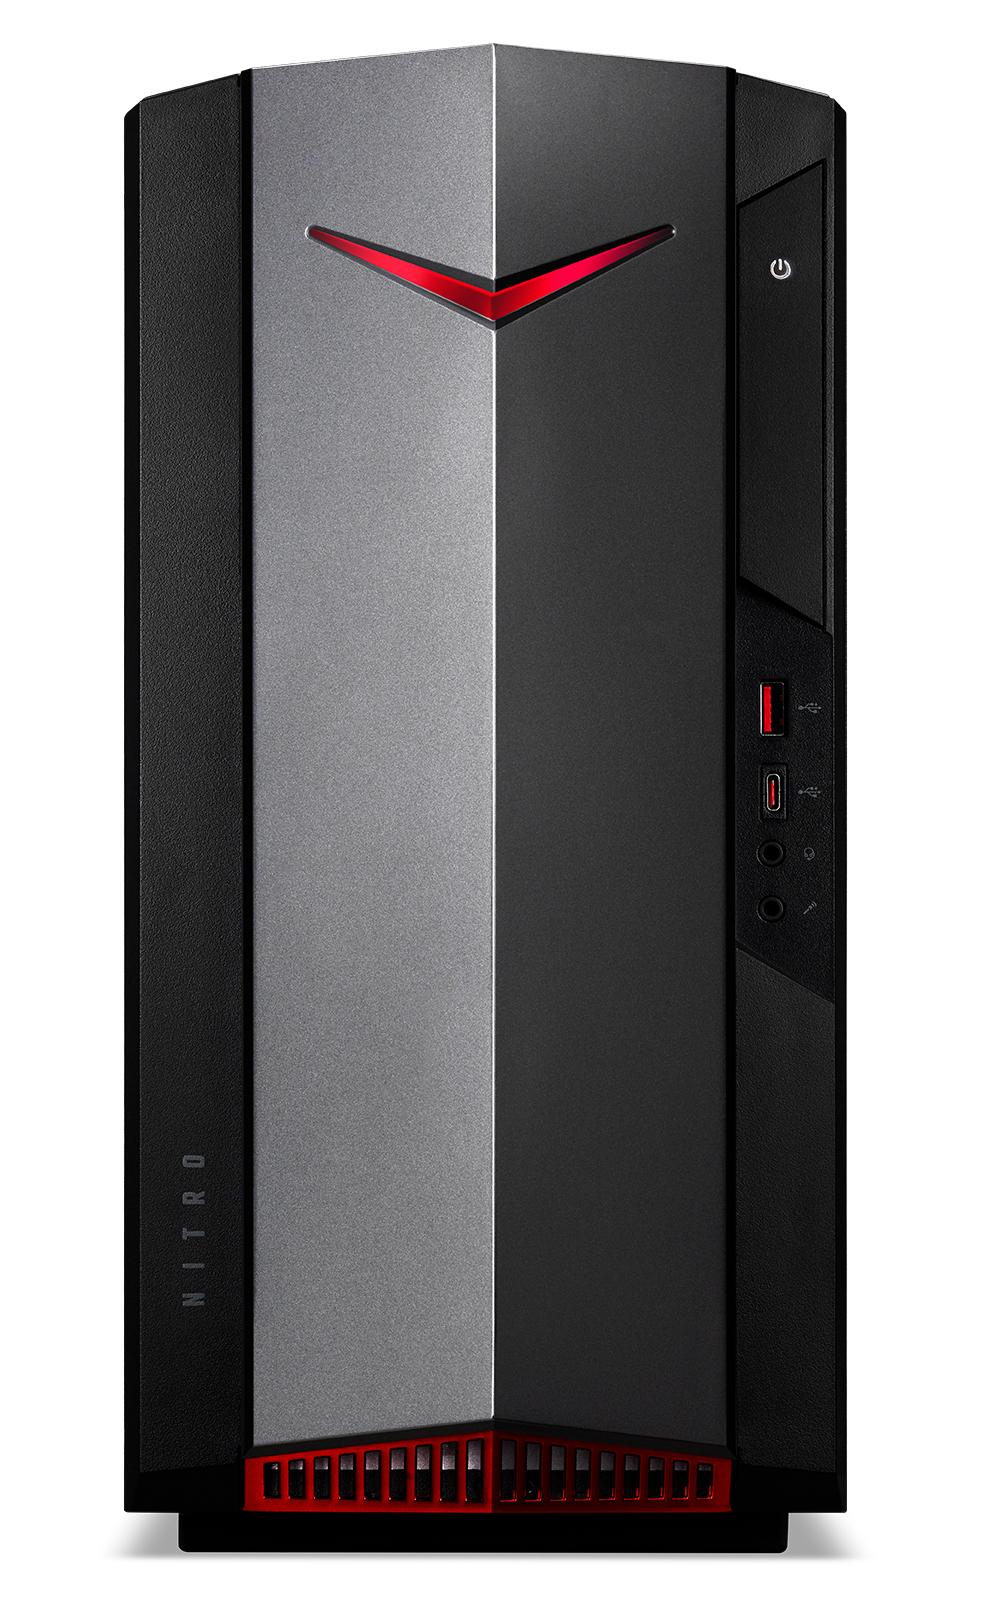 Nitro N50-620 I9206 (Intel Core i5-11400F, 16 GB DDR4, 512 GB PCIe NVMe SSD + 1000 GB HD, GeForce GTX 1650 4 GB, Windows 10 Home)